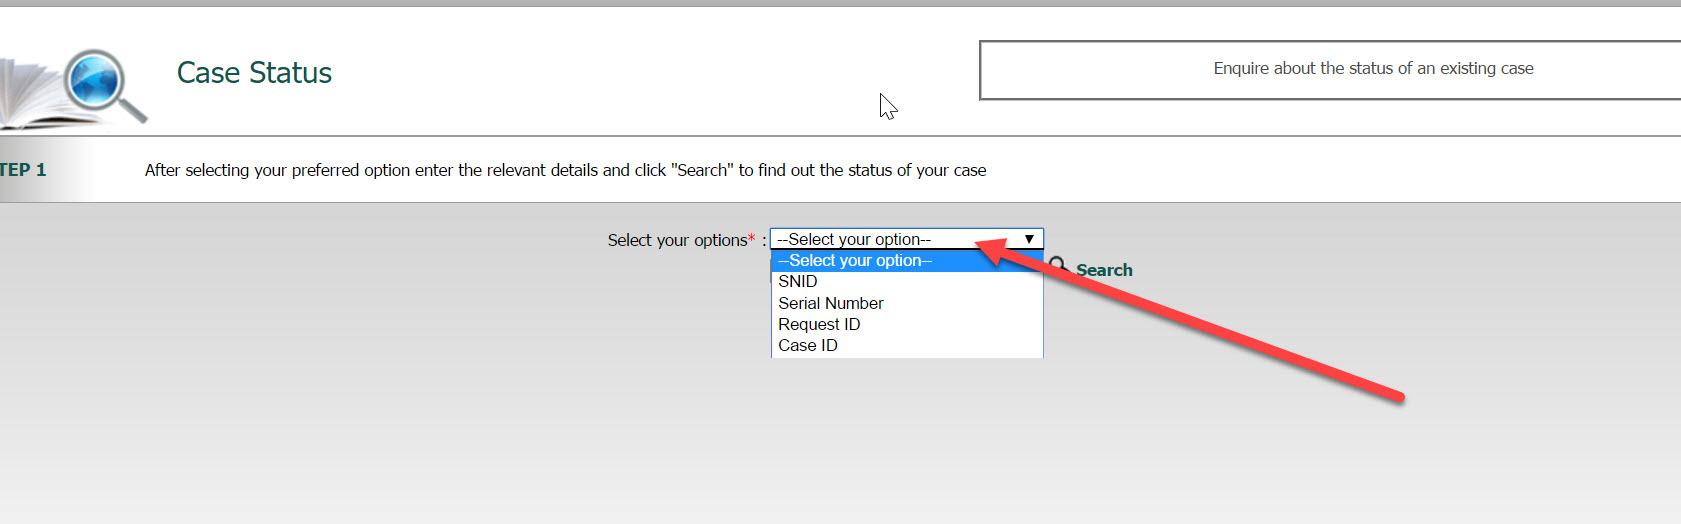 Acer Online Self Service